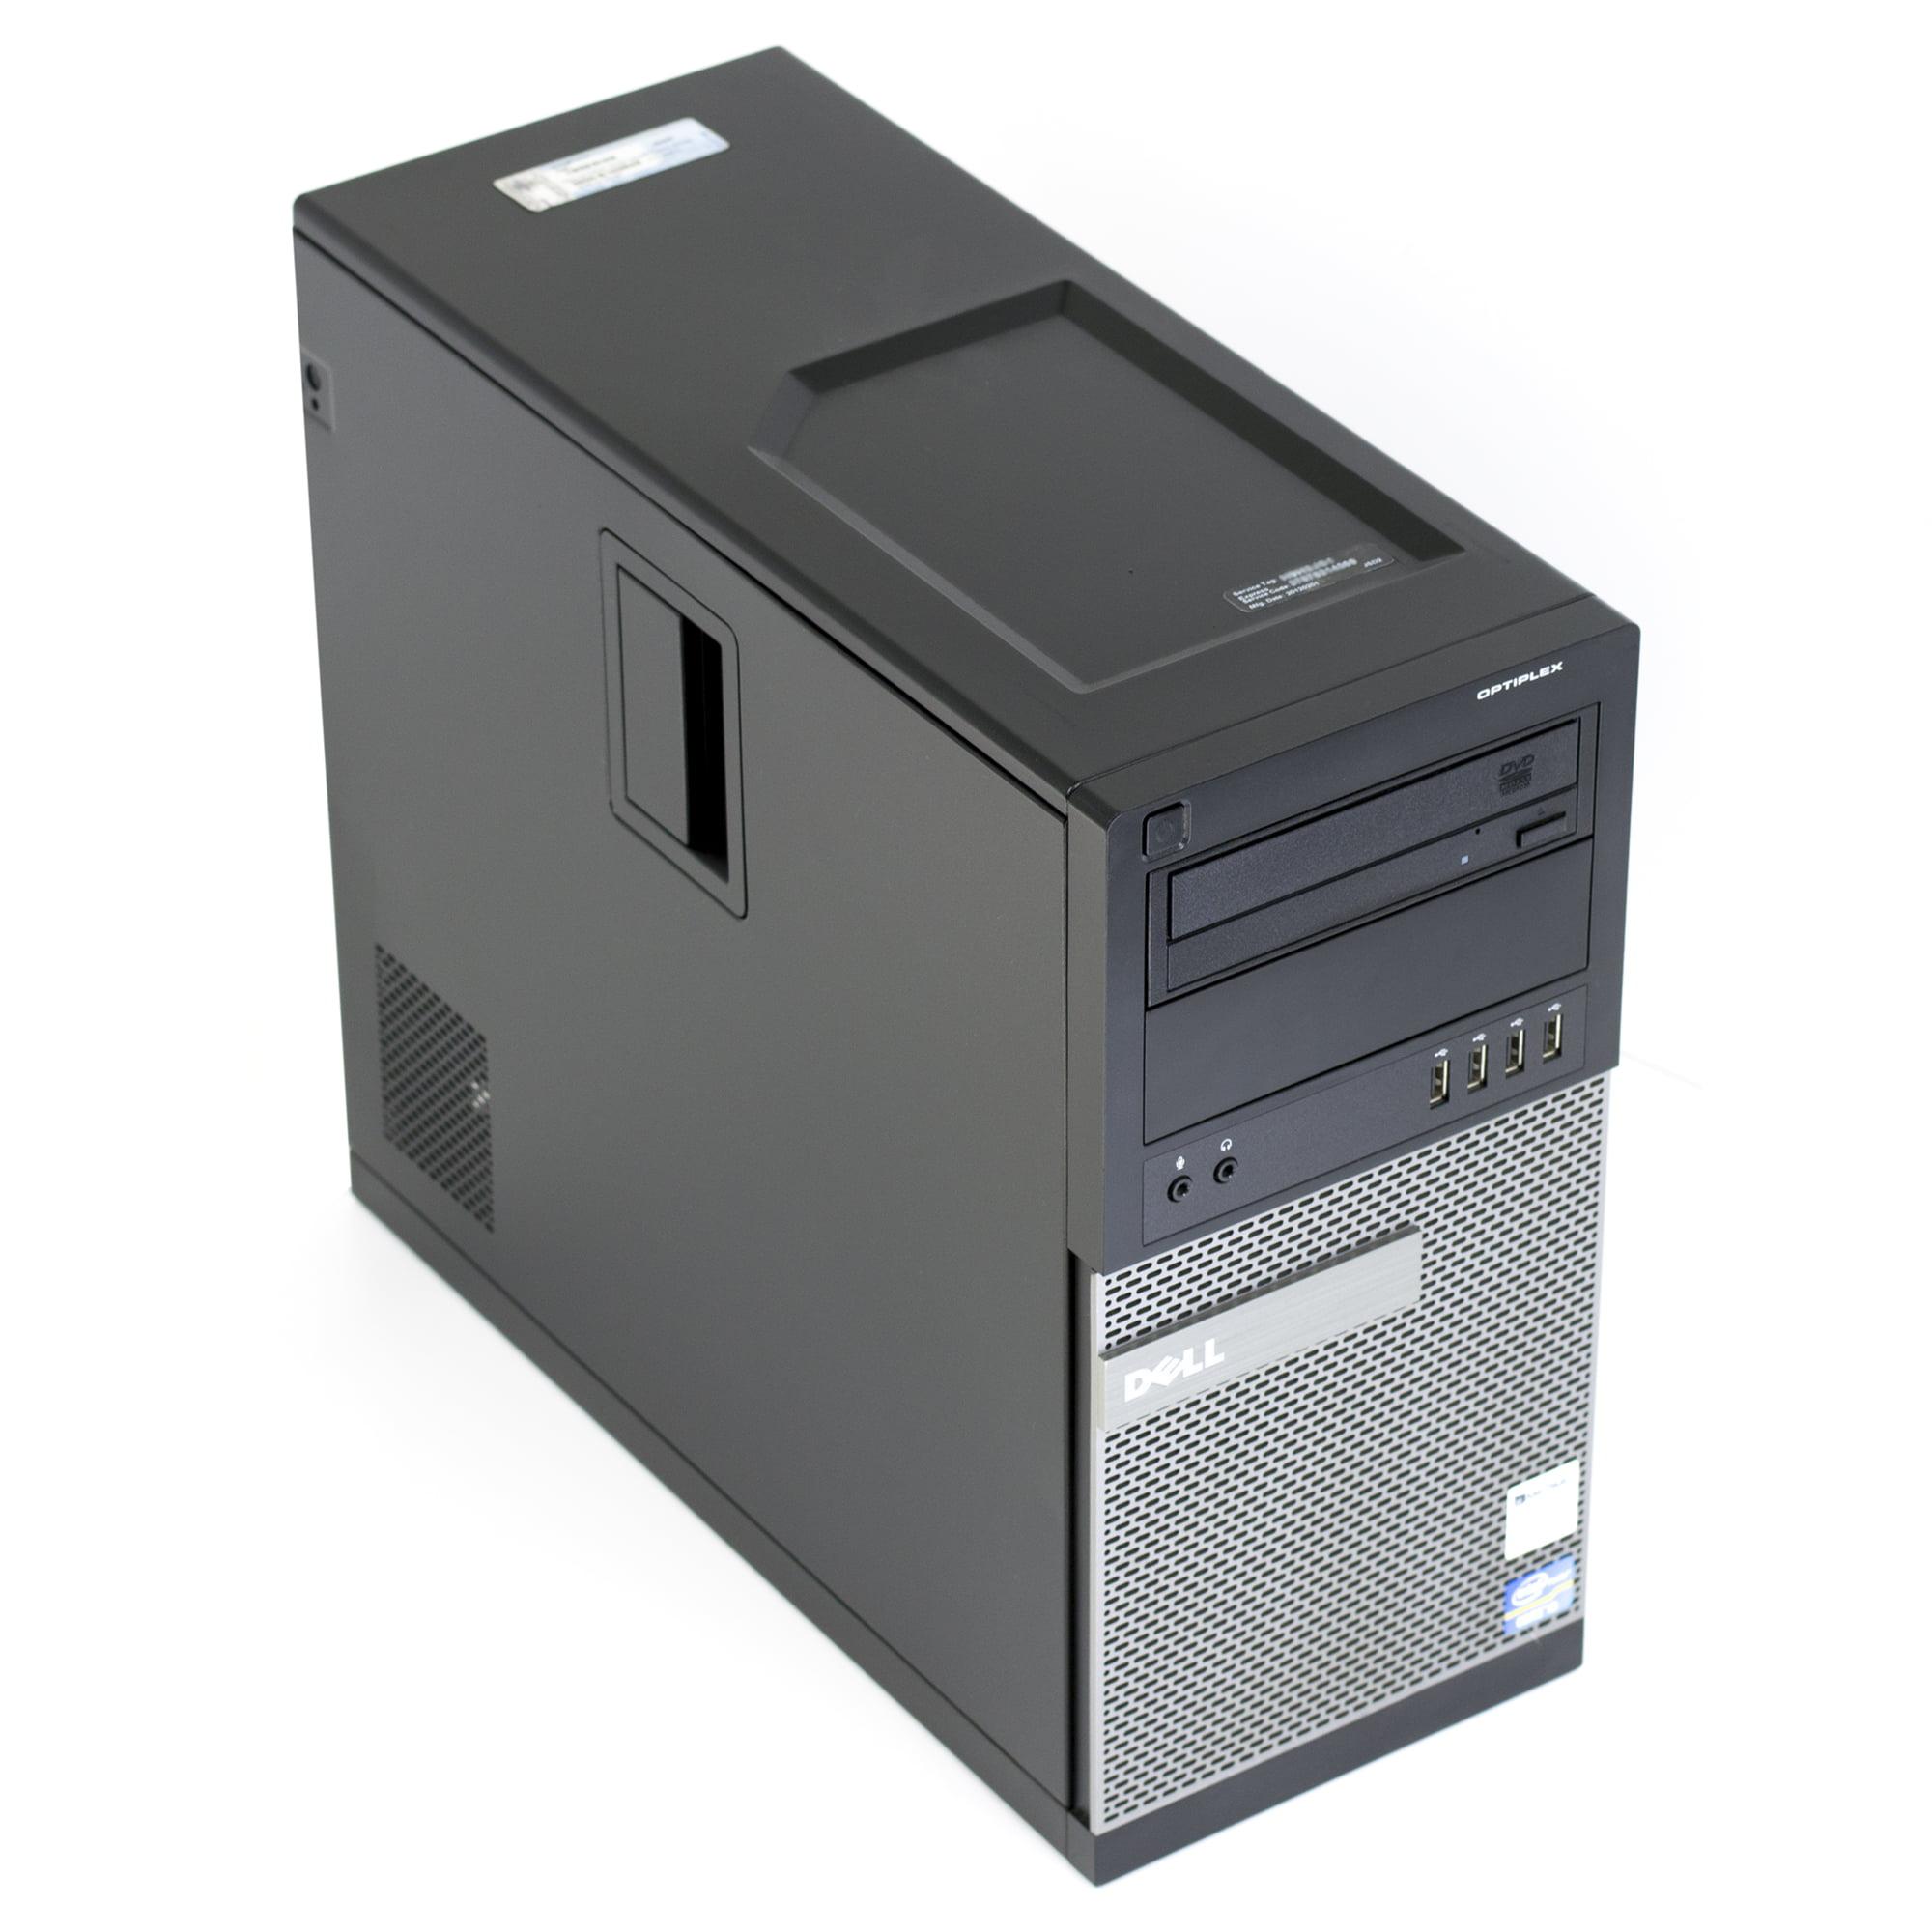 Dell Optiplex 790 Tower I5-2500 Quad Core 3.30Ghz 8Gb 500...